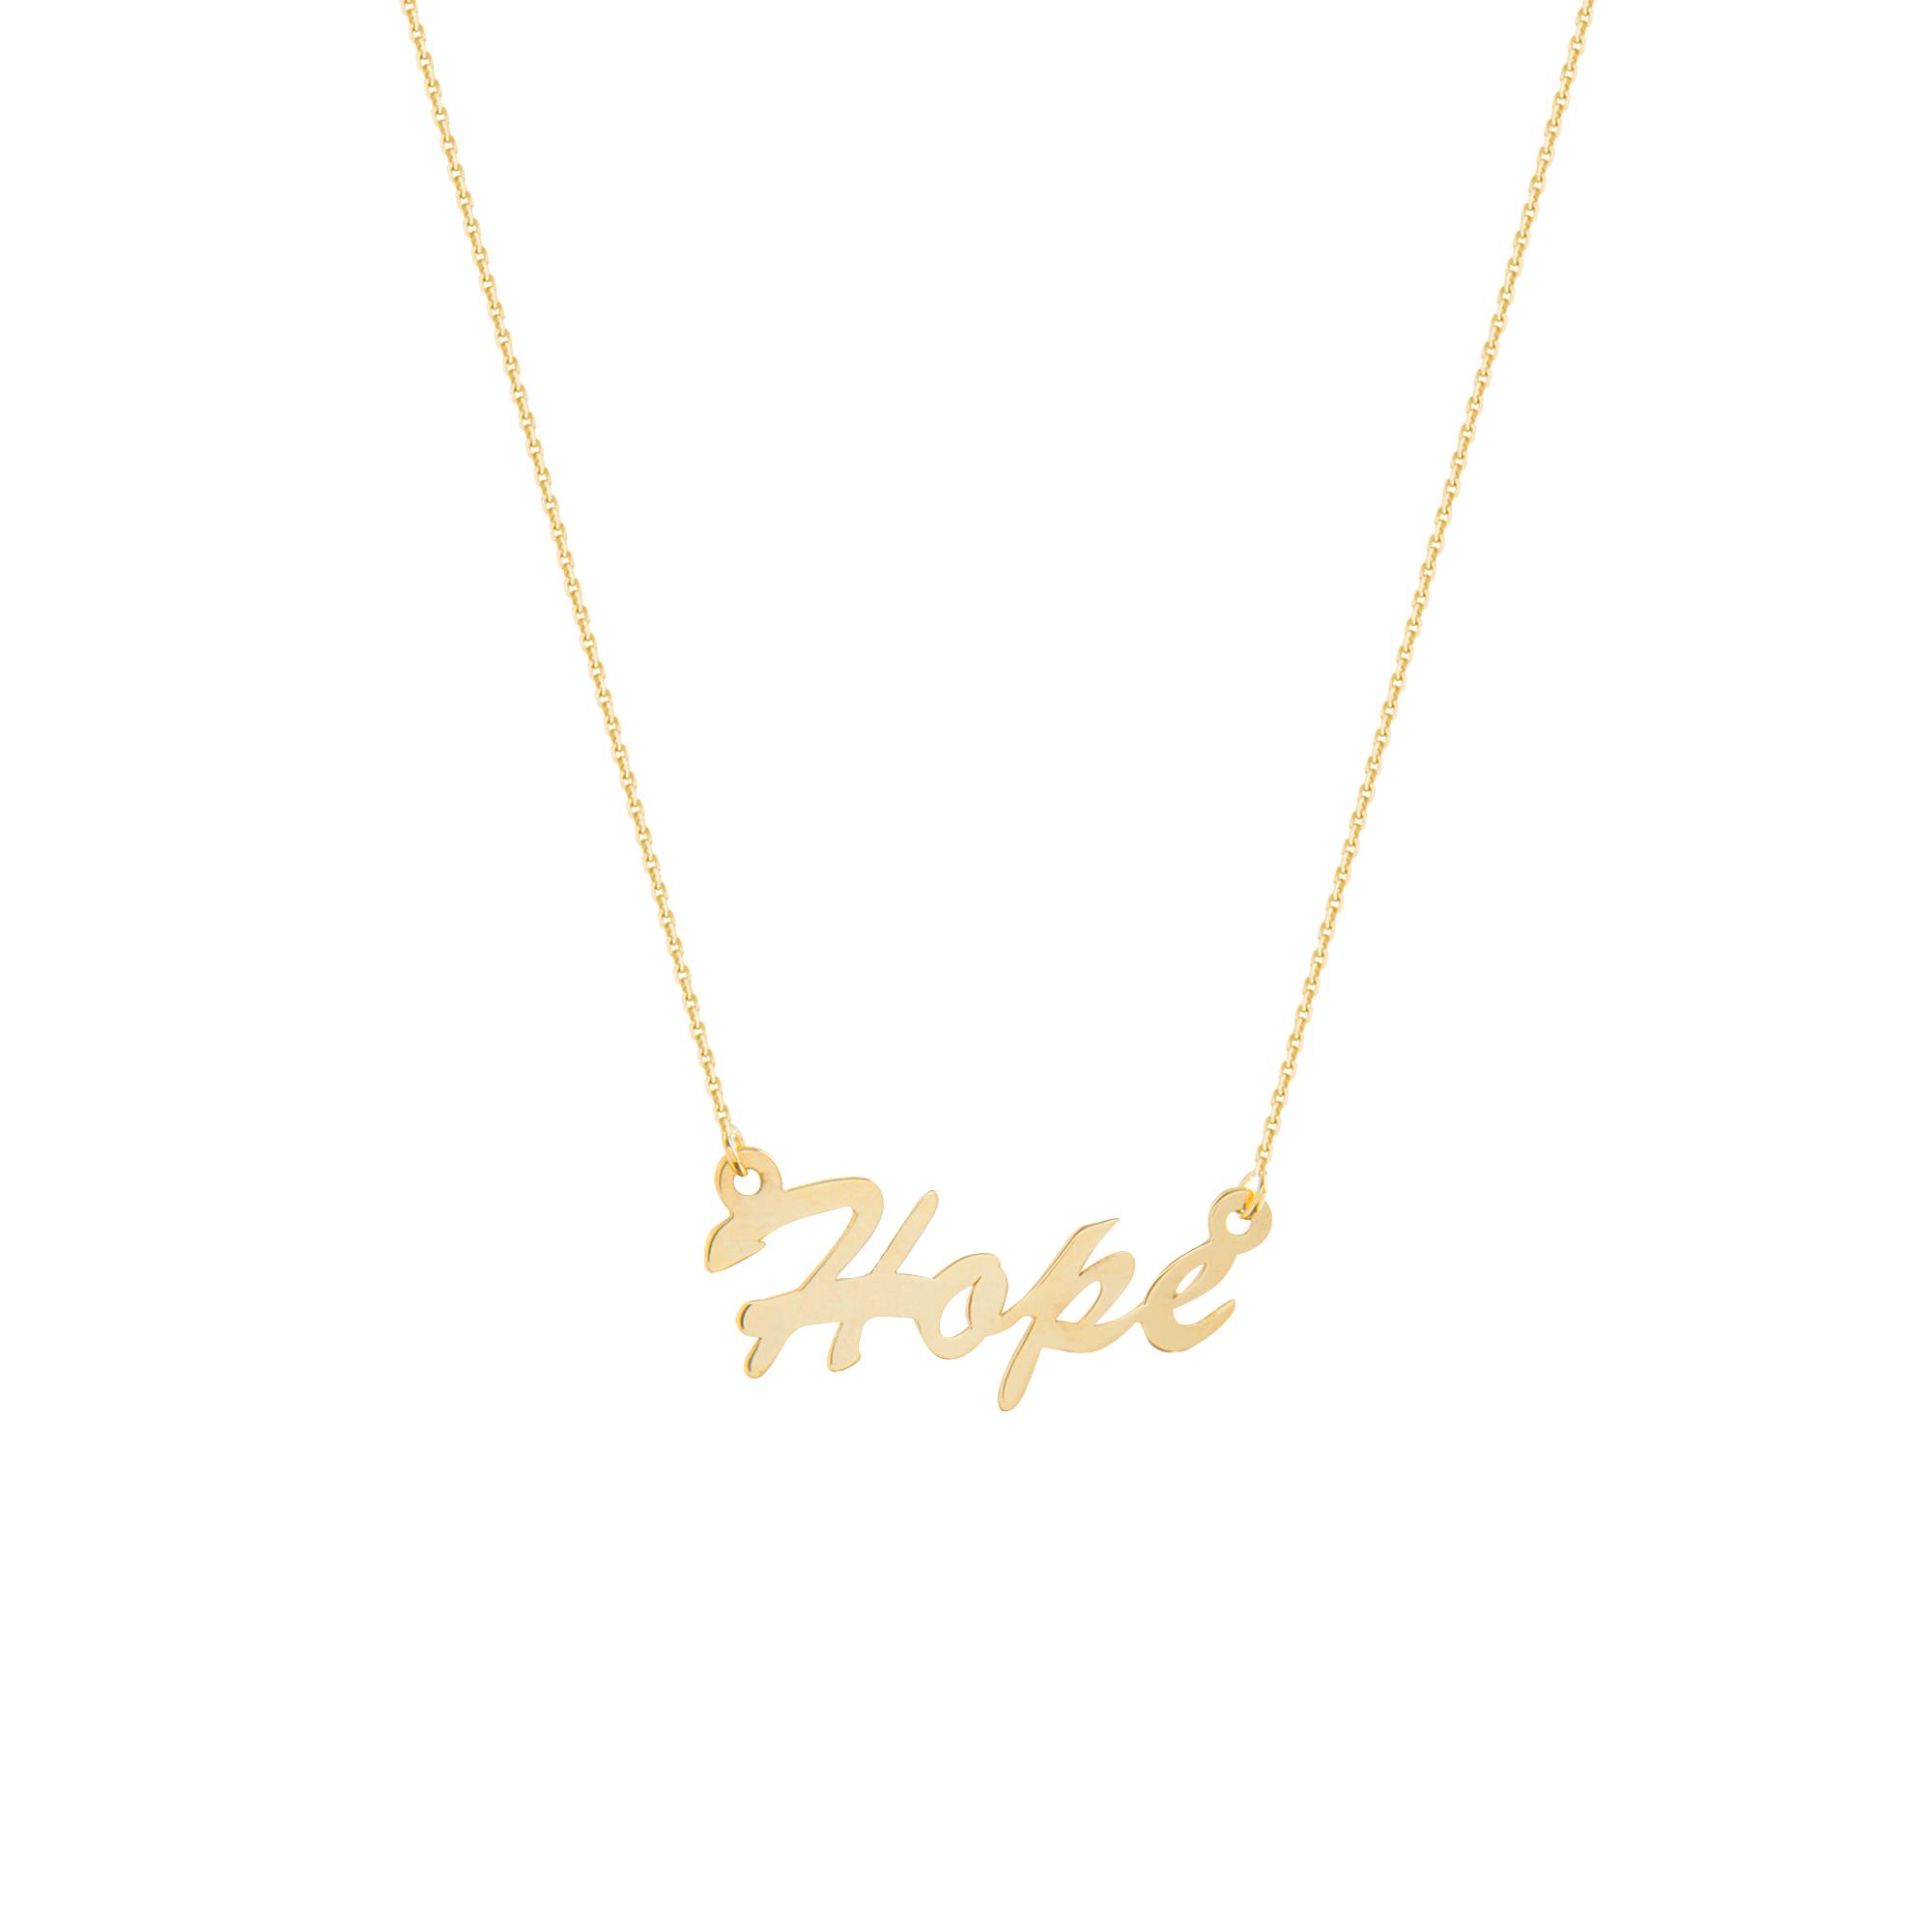 Hope Necklace, 14Kt Gold Hope Necklace 18